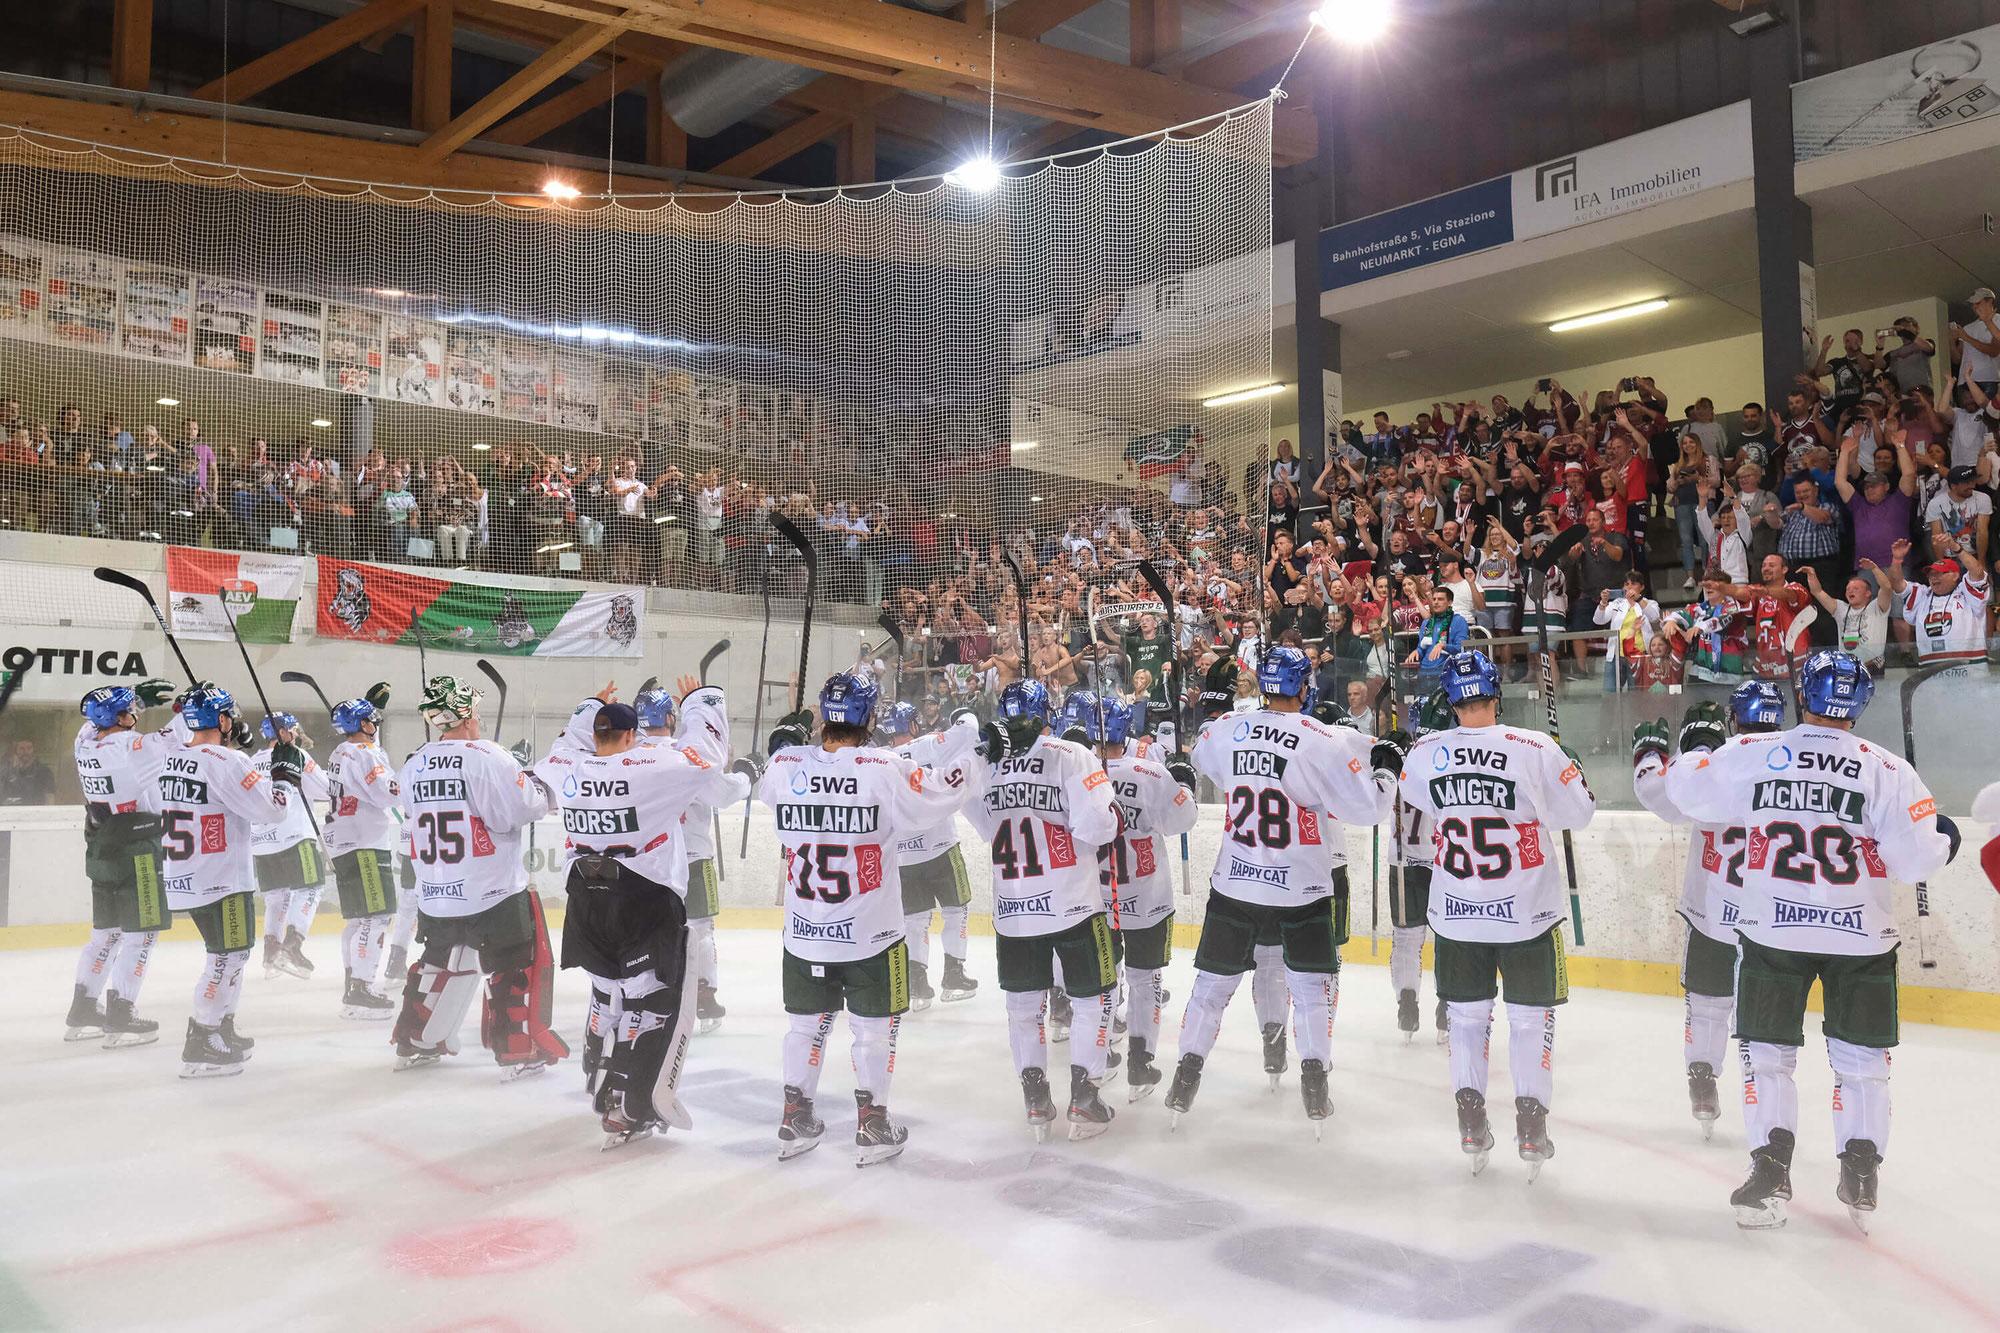 Rekordsieger kommt wieder - La squadra con più vittorie torna a partecipare al Dolomitencup